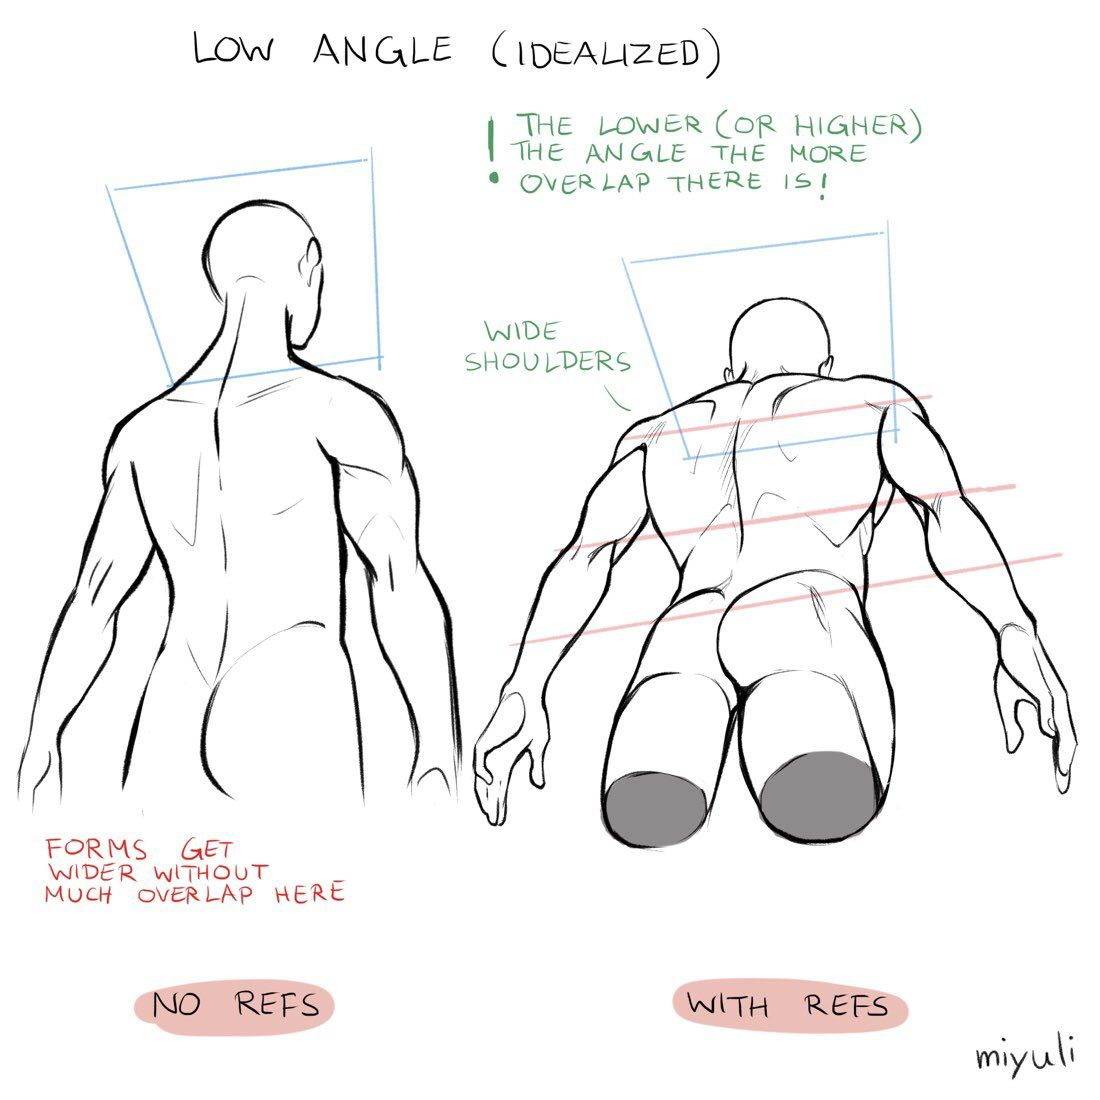 みゆりmiyuli On Twitter Struggling With The Low Angle Back View So Here Are Some Studies And Notes In 2020 Body Tutorial Low Angle Anatomy Reference